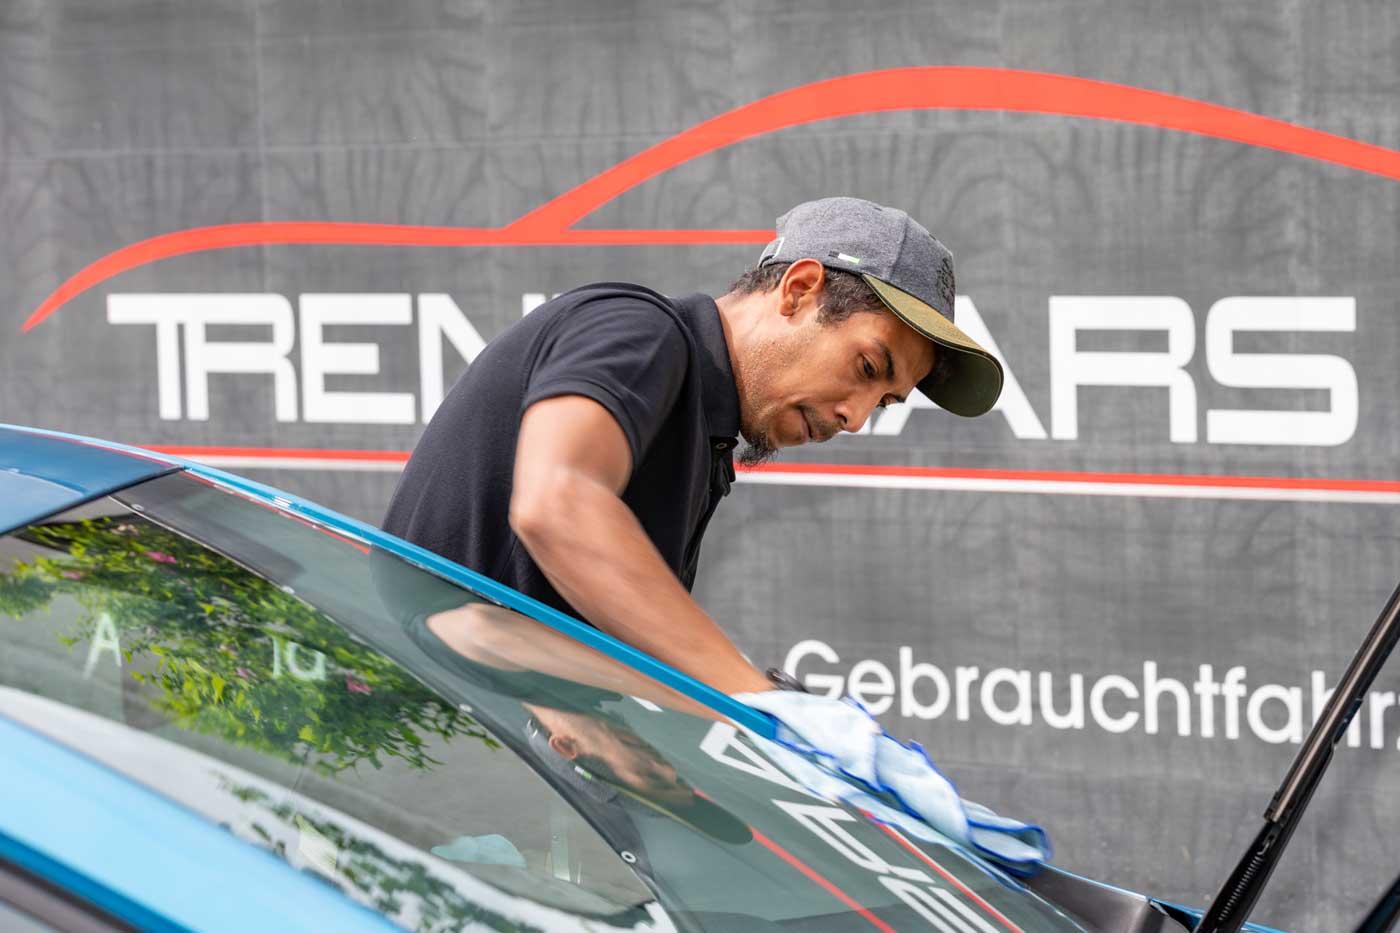 Autoaufbereitung Mönchengladbach Rheydt